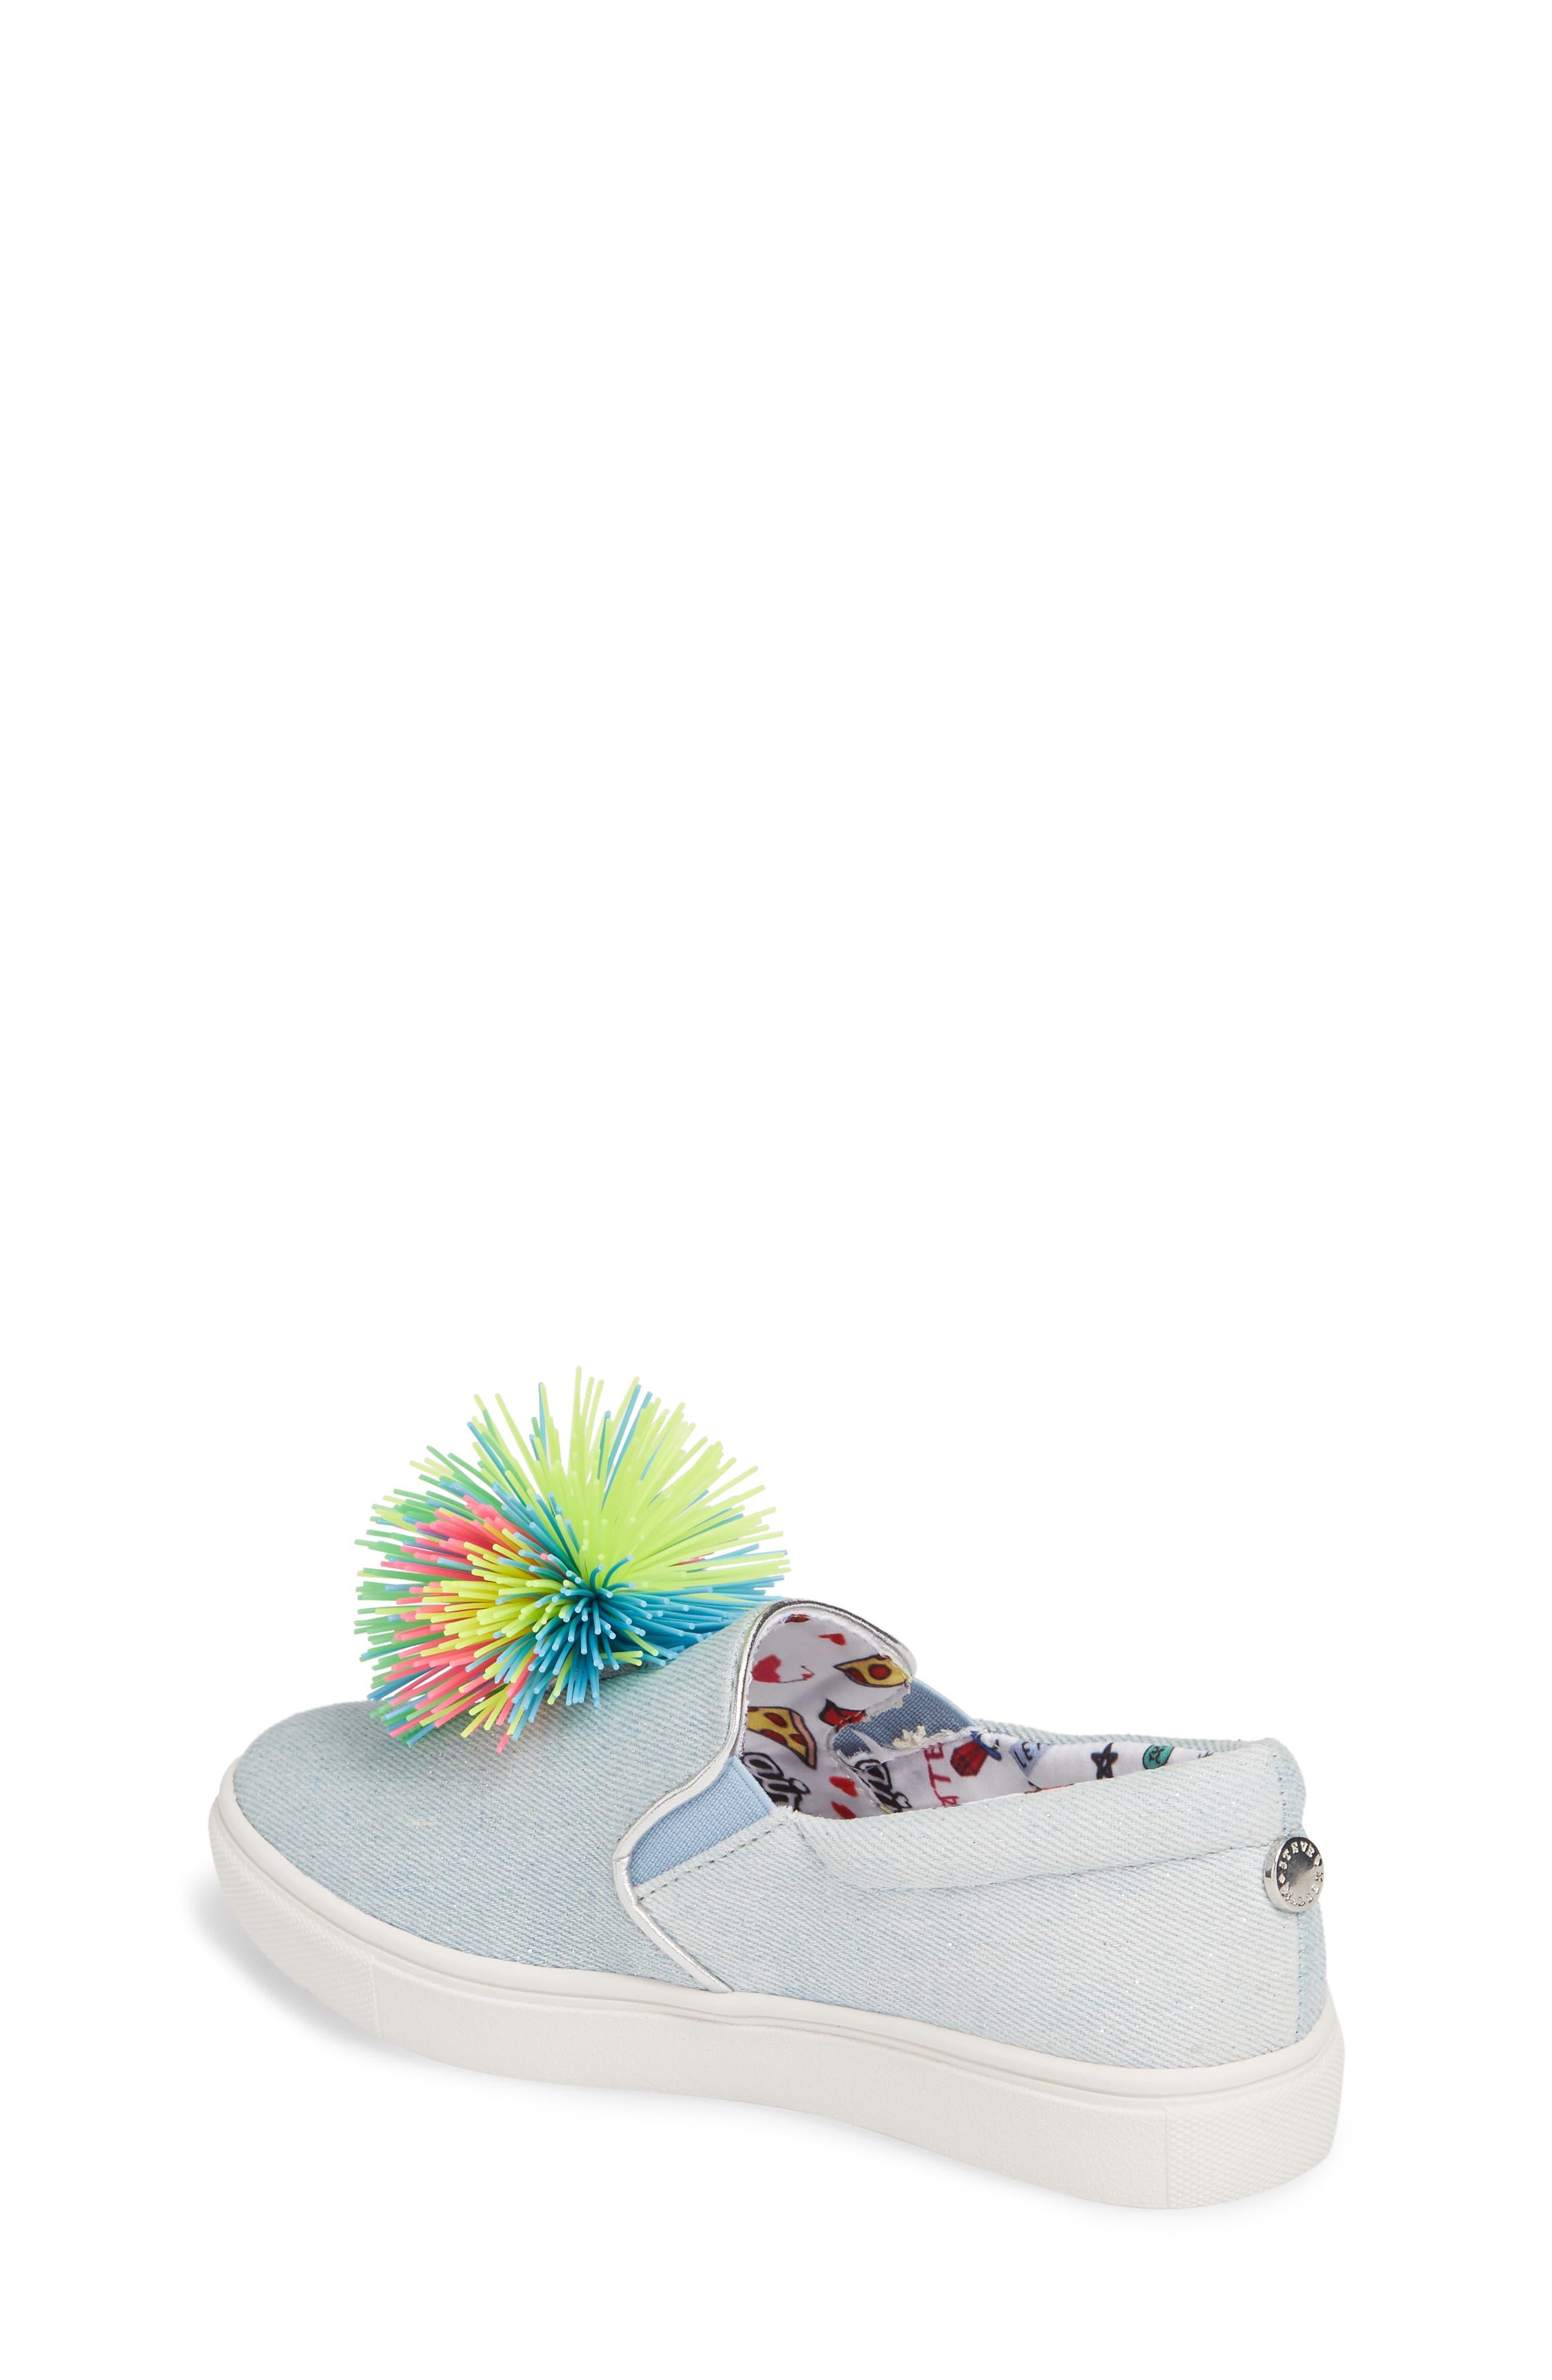 Alternate Image 2  - Steve Madden Pompom Slip-On Sneaker (Little Kid & Big Kid)